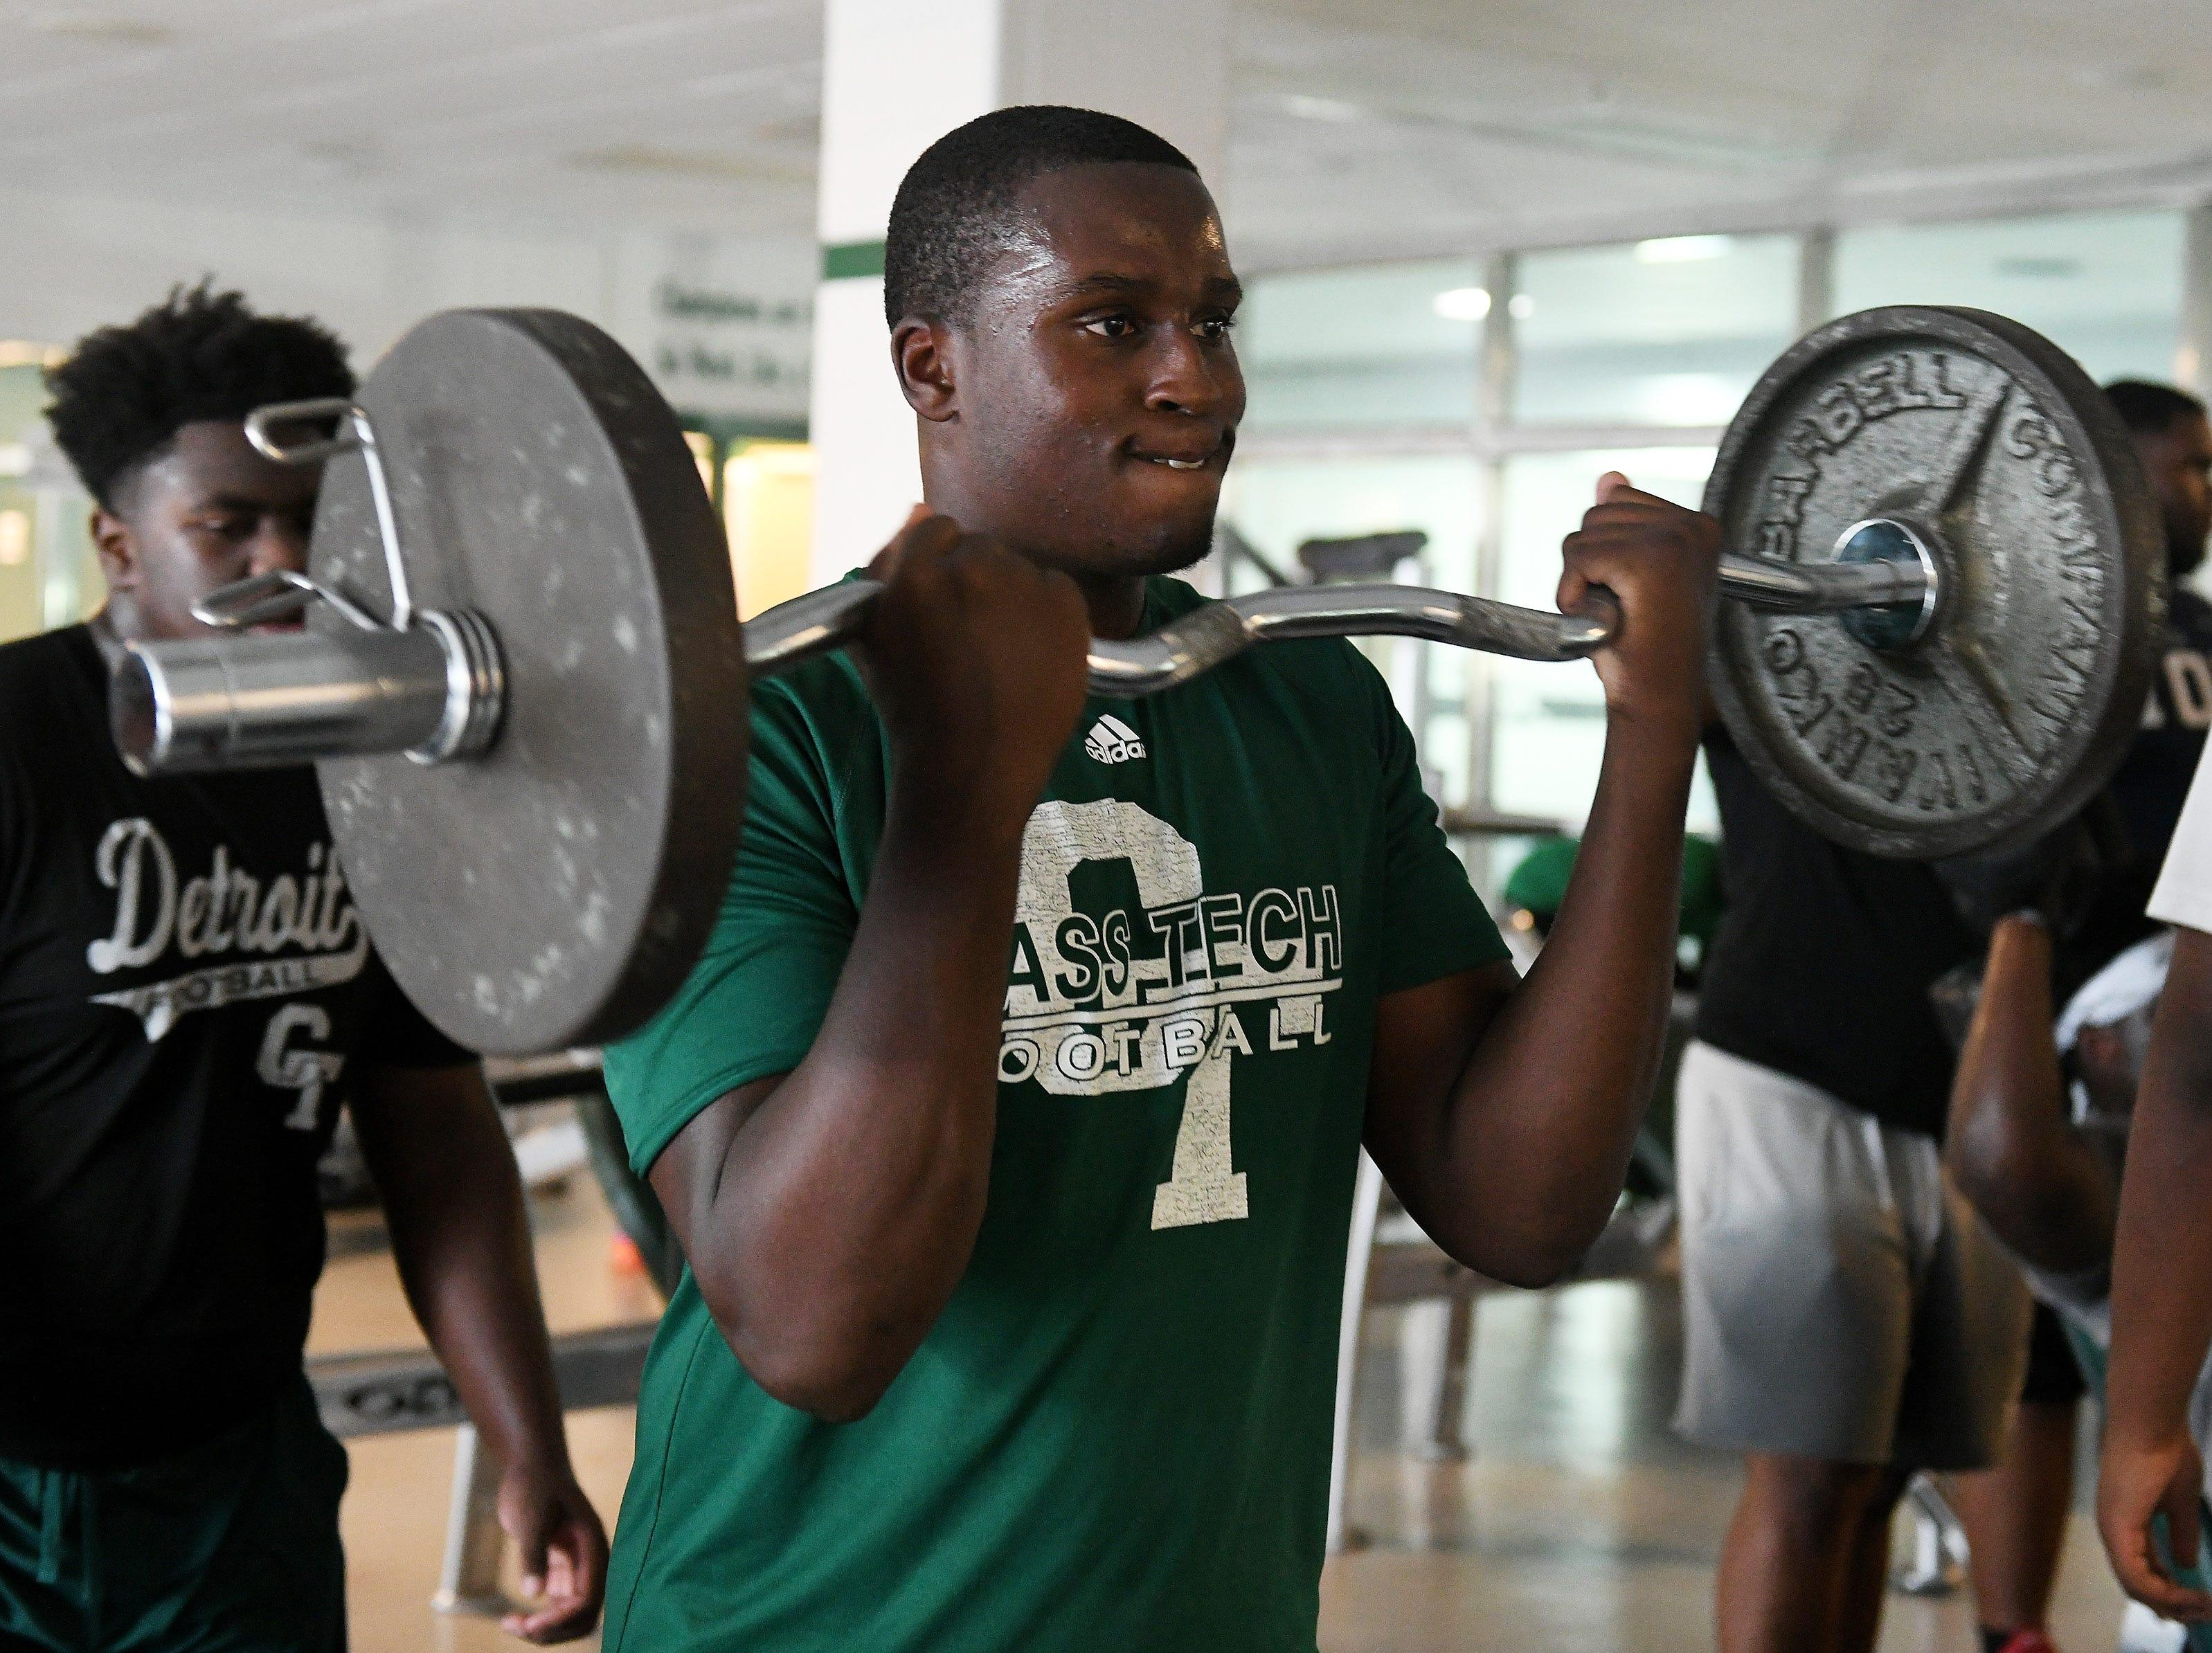 Detroit Cass Tech senior linebacker Bryce Martin does curls during weight lifting before football practice at Cass Tech High School.